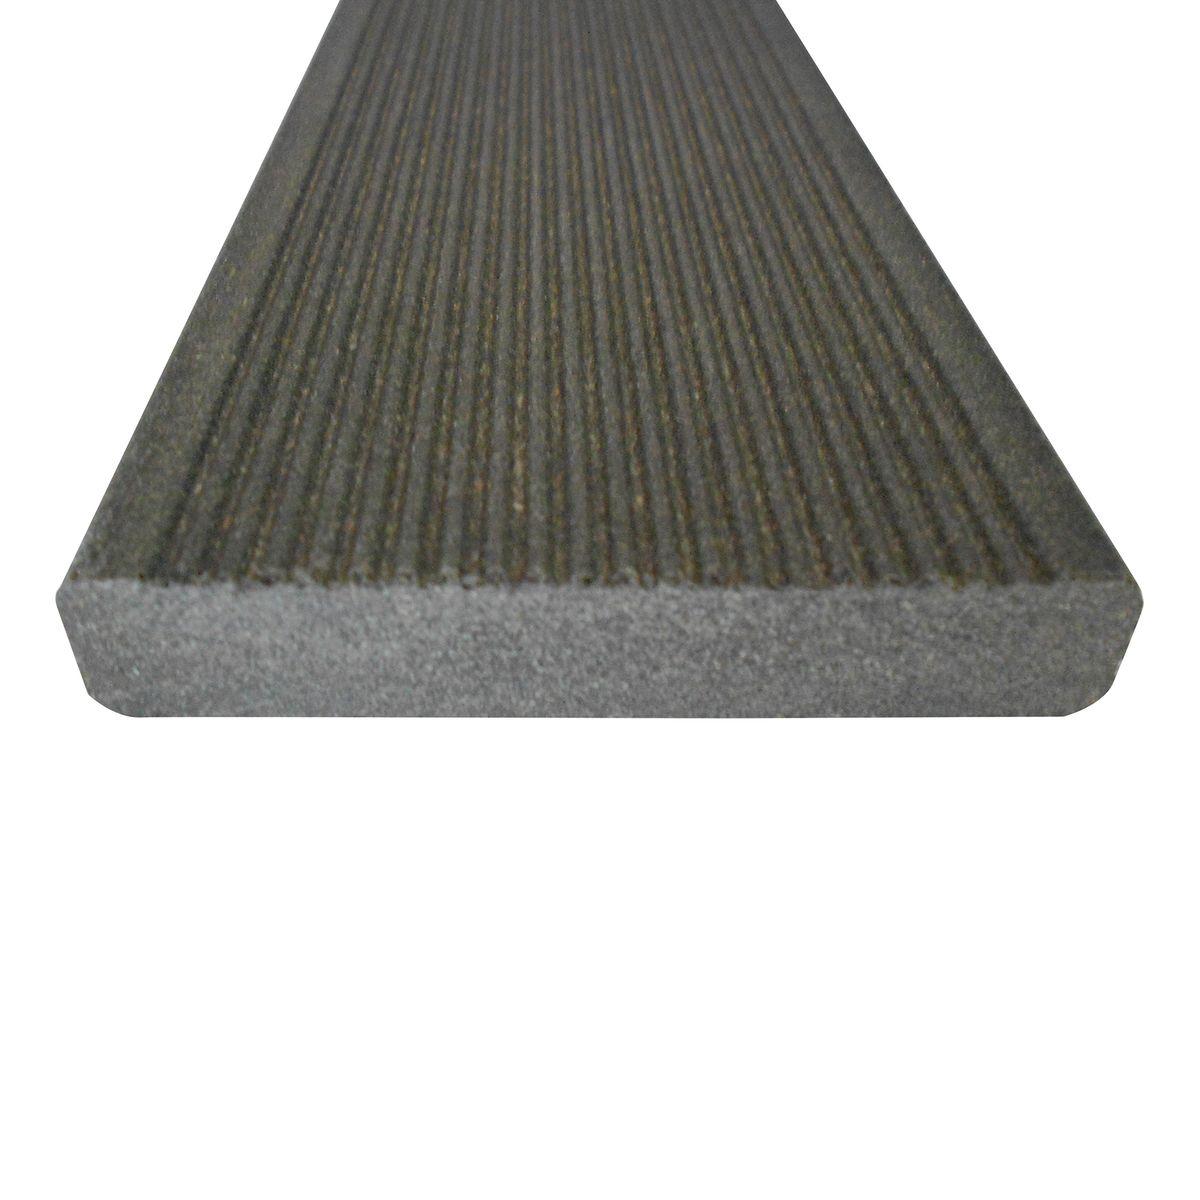 Per esterno prezzi piastrelle in cemento per esterno pavimenti esterni piastrelle per esterni - Piastrelle graniglia leroy merlin ...